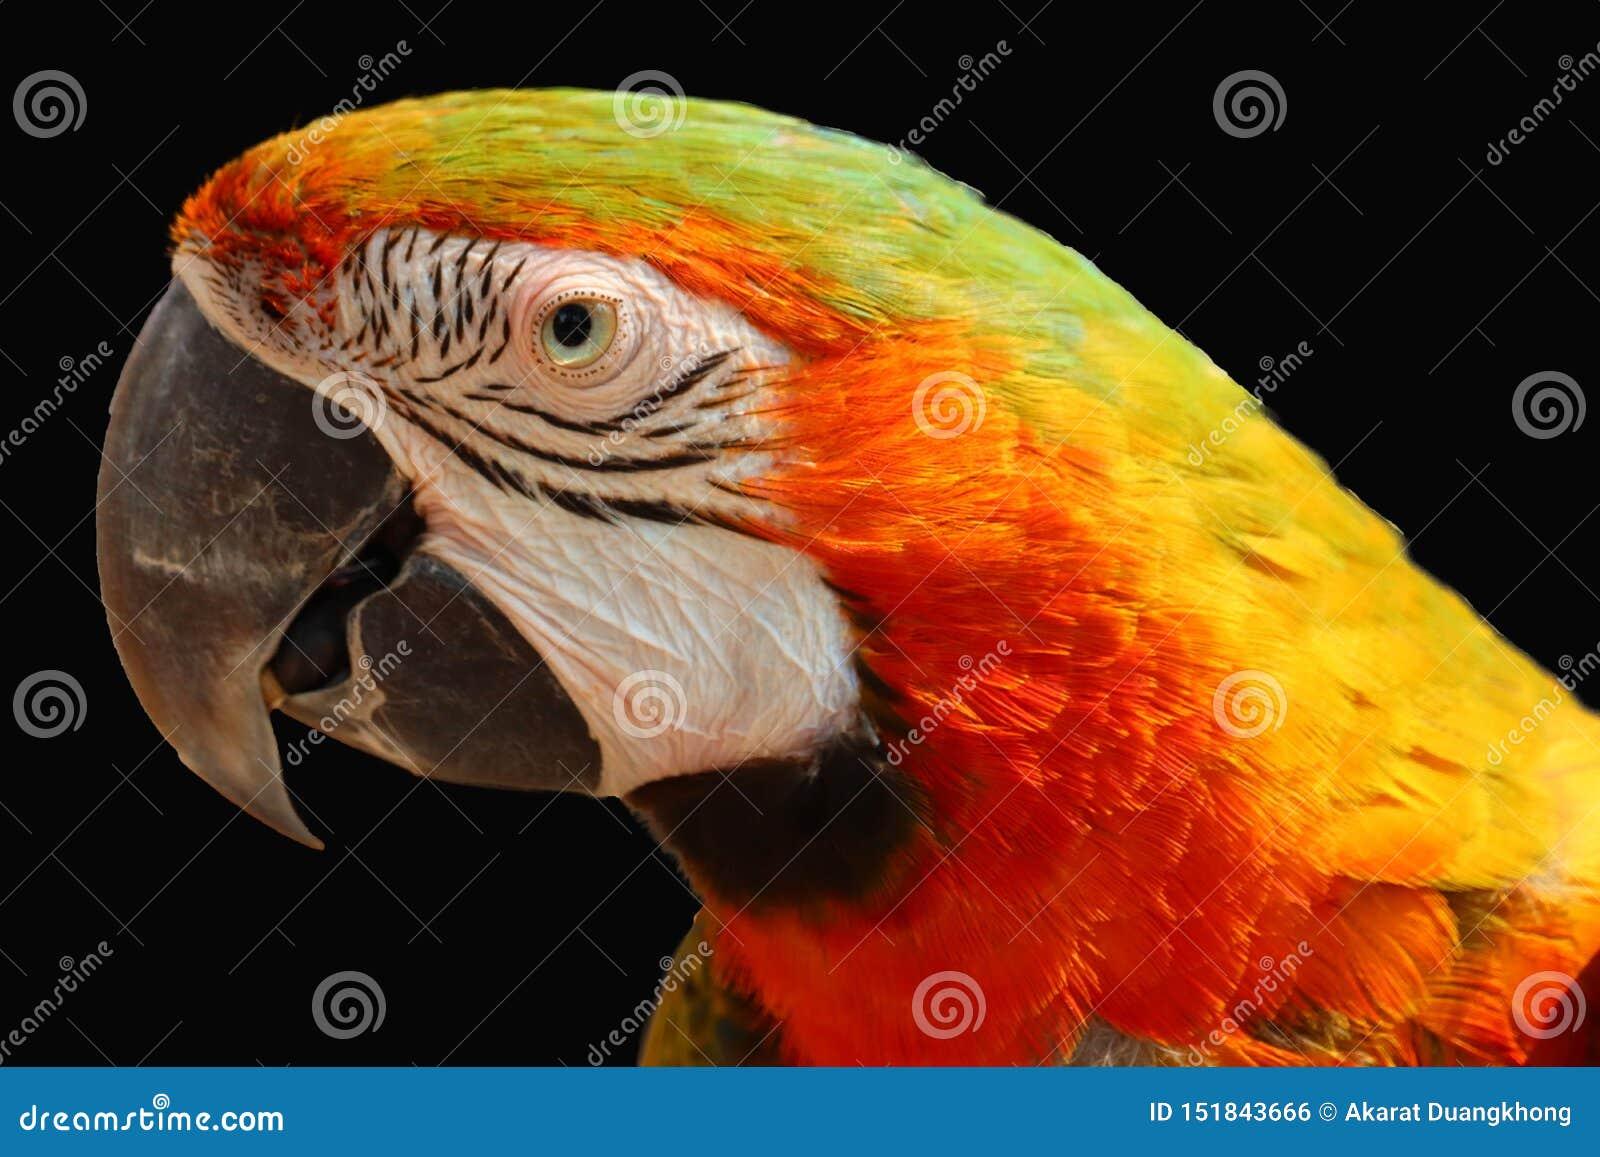 Isolerad macawpapegoja